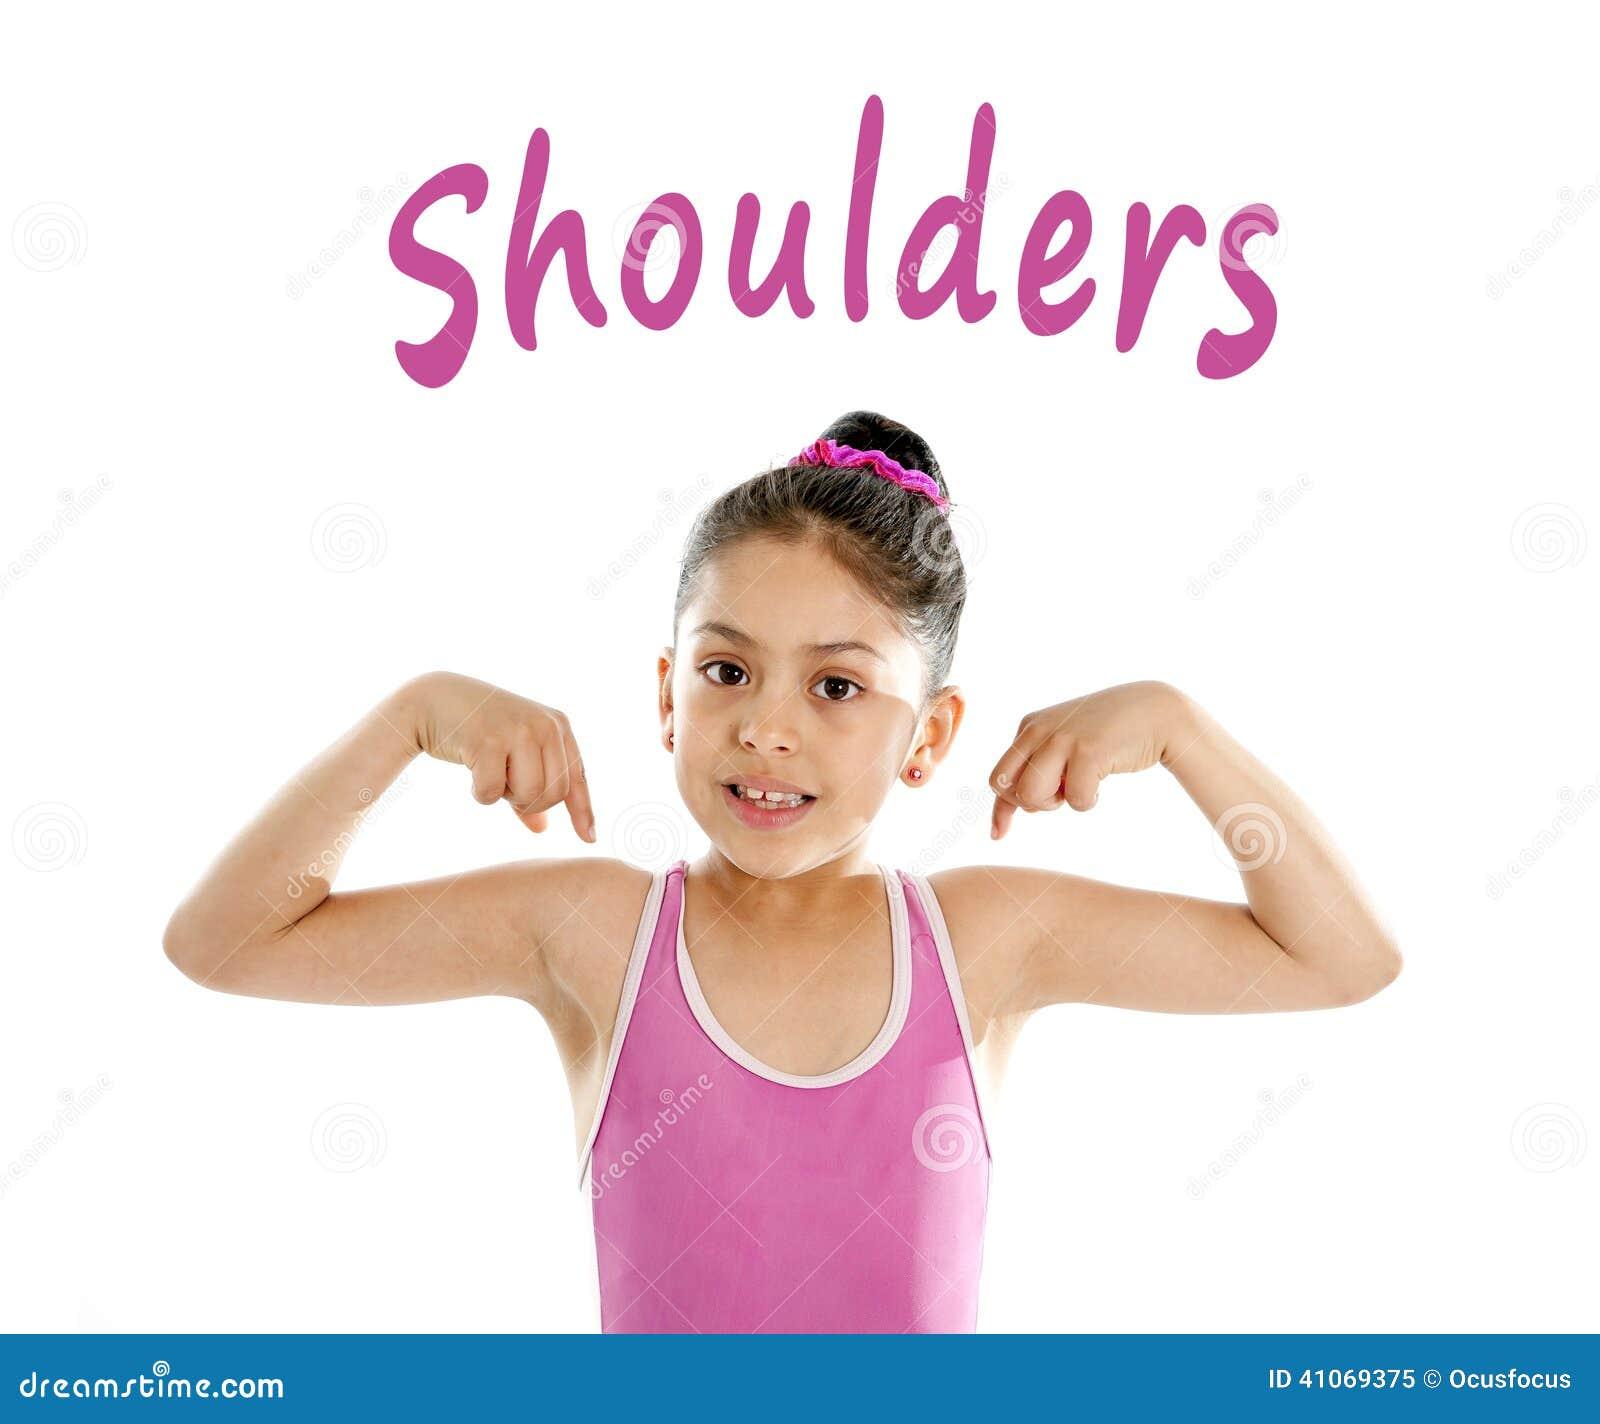 Schoolkaart van meisje het richten op haar die schouder op witte achtergrond wordt geïsoleerd